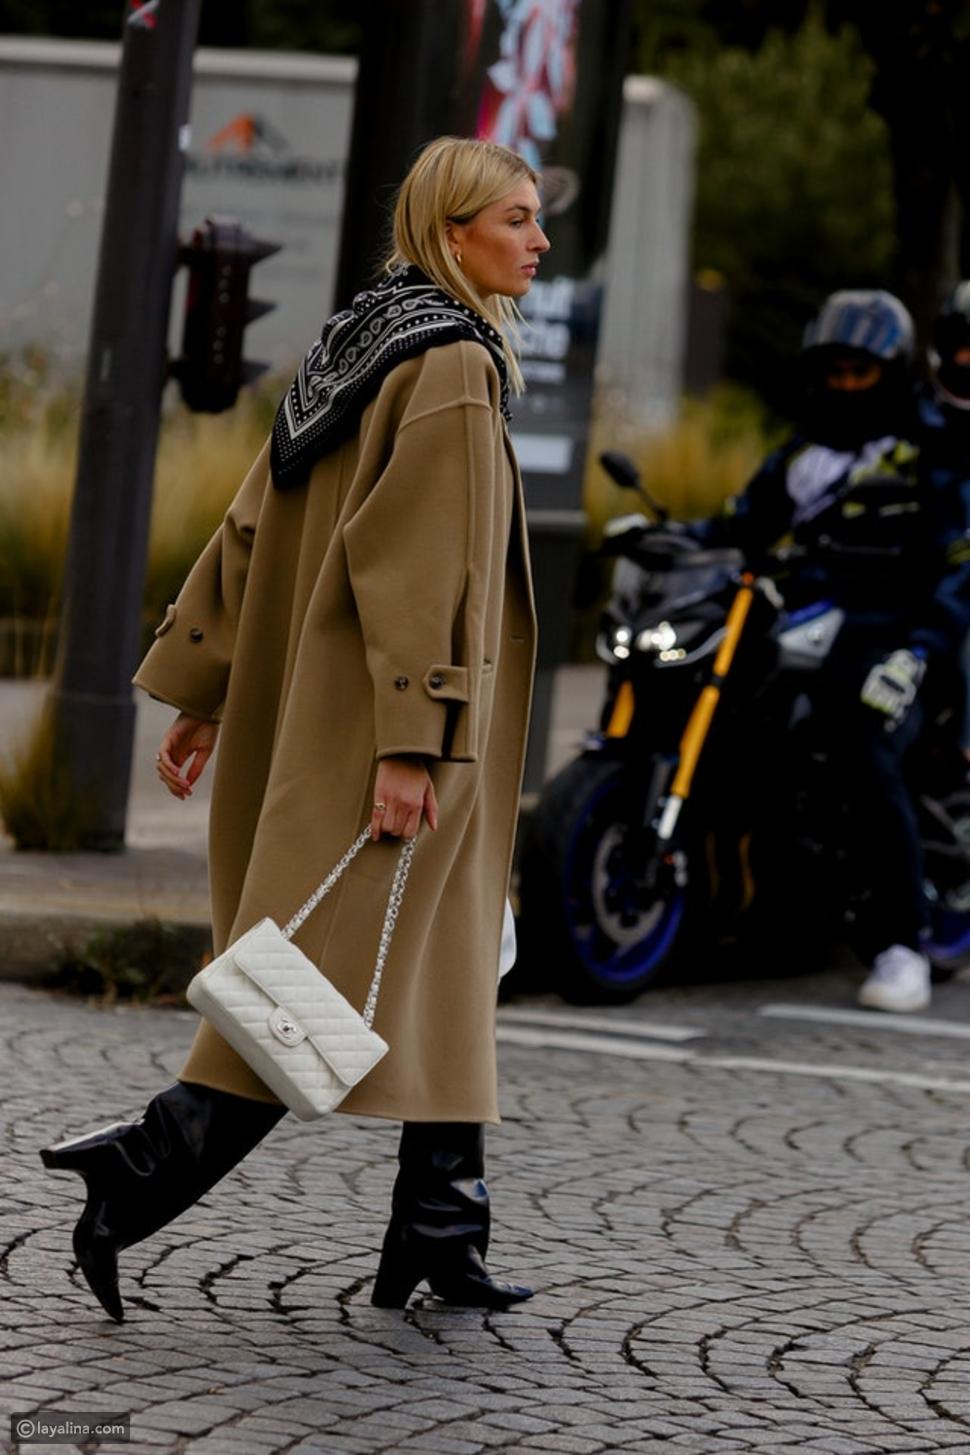 الوشاح مع المعطف